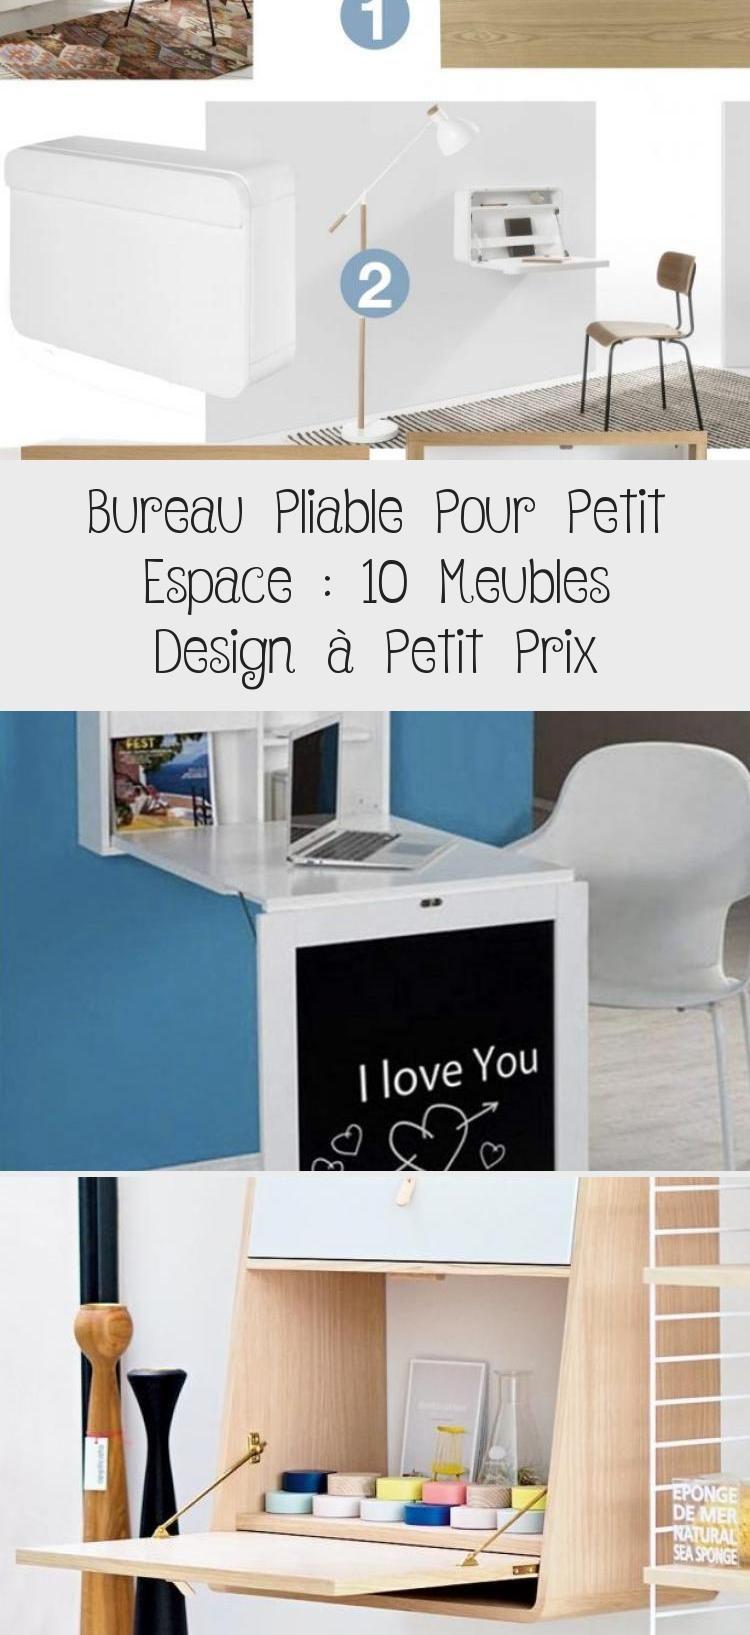 Bureau Secretaire Petit Espace bureau pliable pour petit espace : 10 meubles design à petit